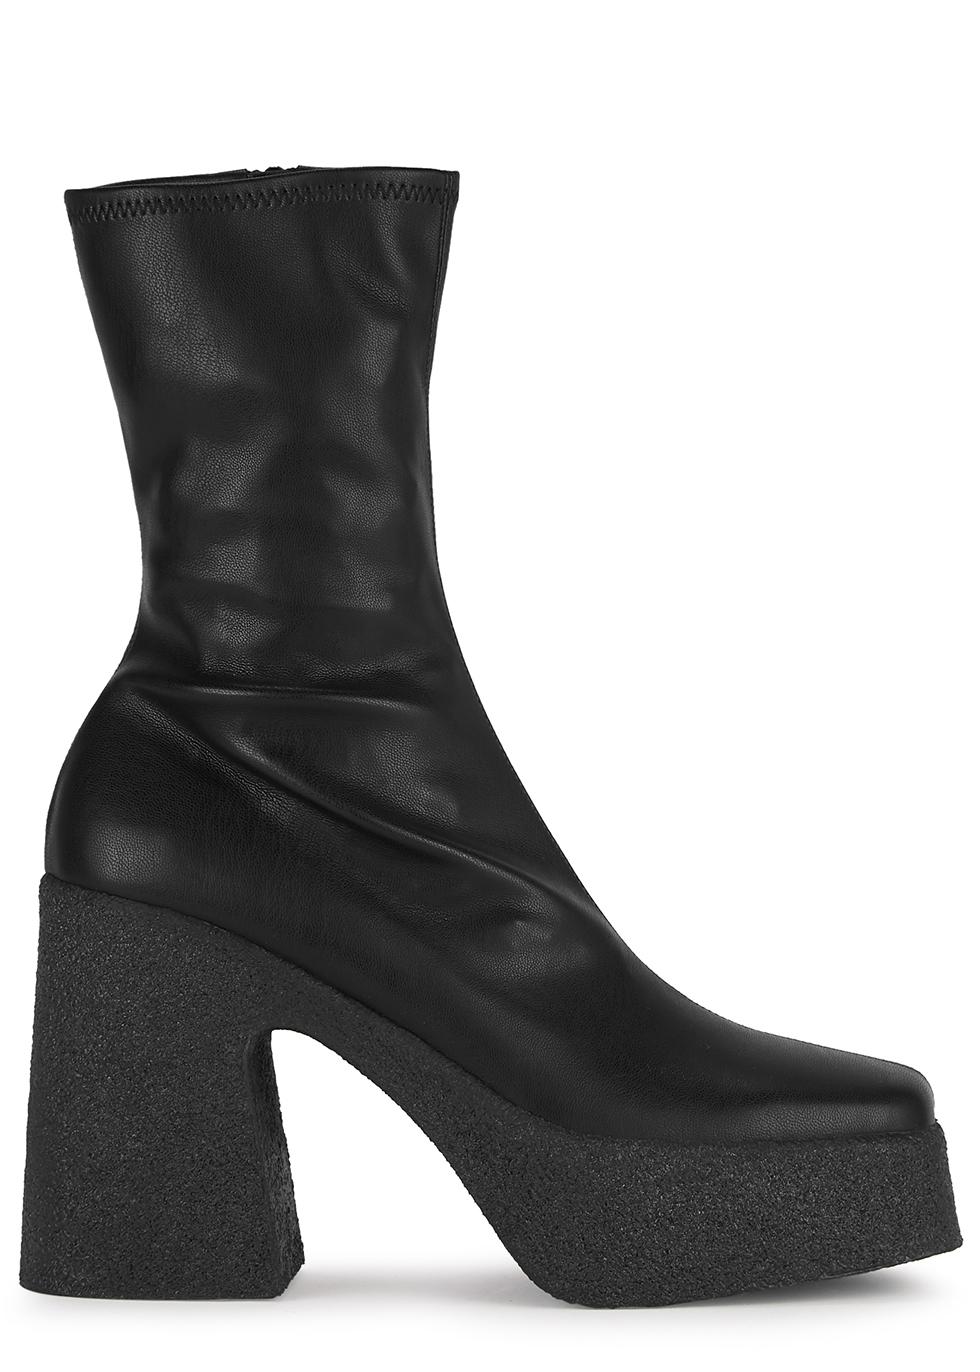 115 black faux leather platform ankle boots